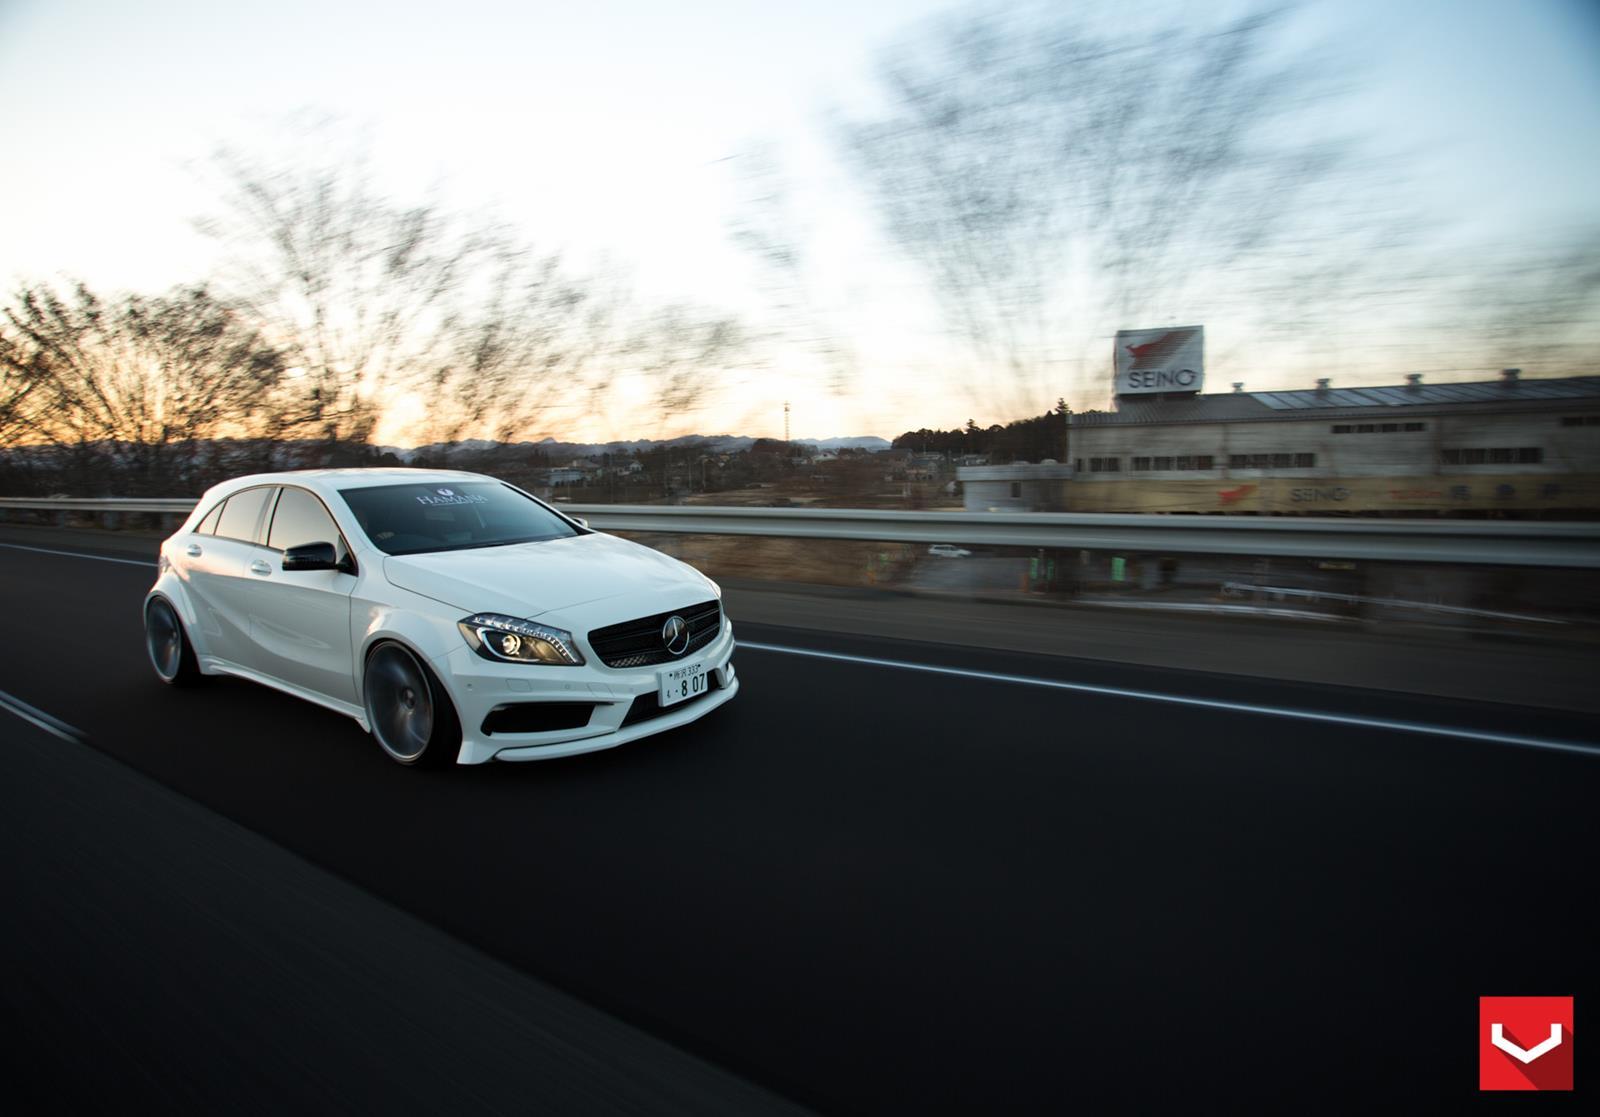 Mercedes benz a45 amg vossen cvt vossen wheels for Voss mercedes benz